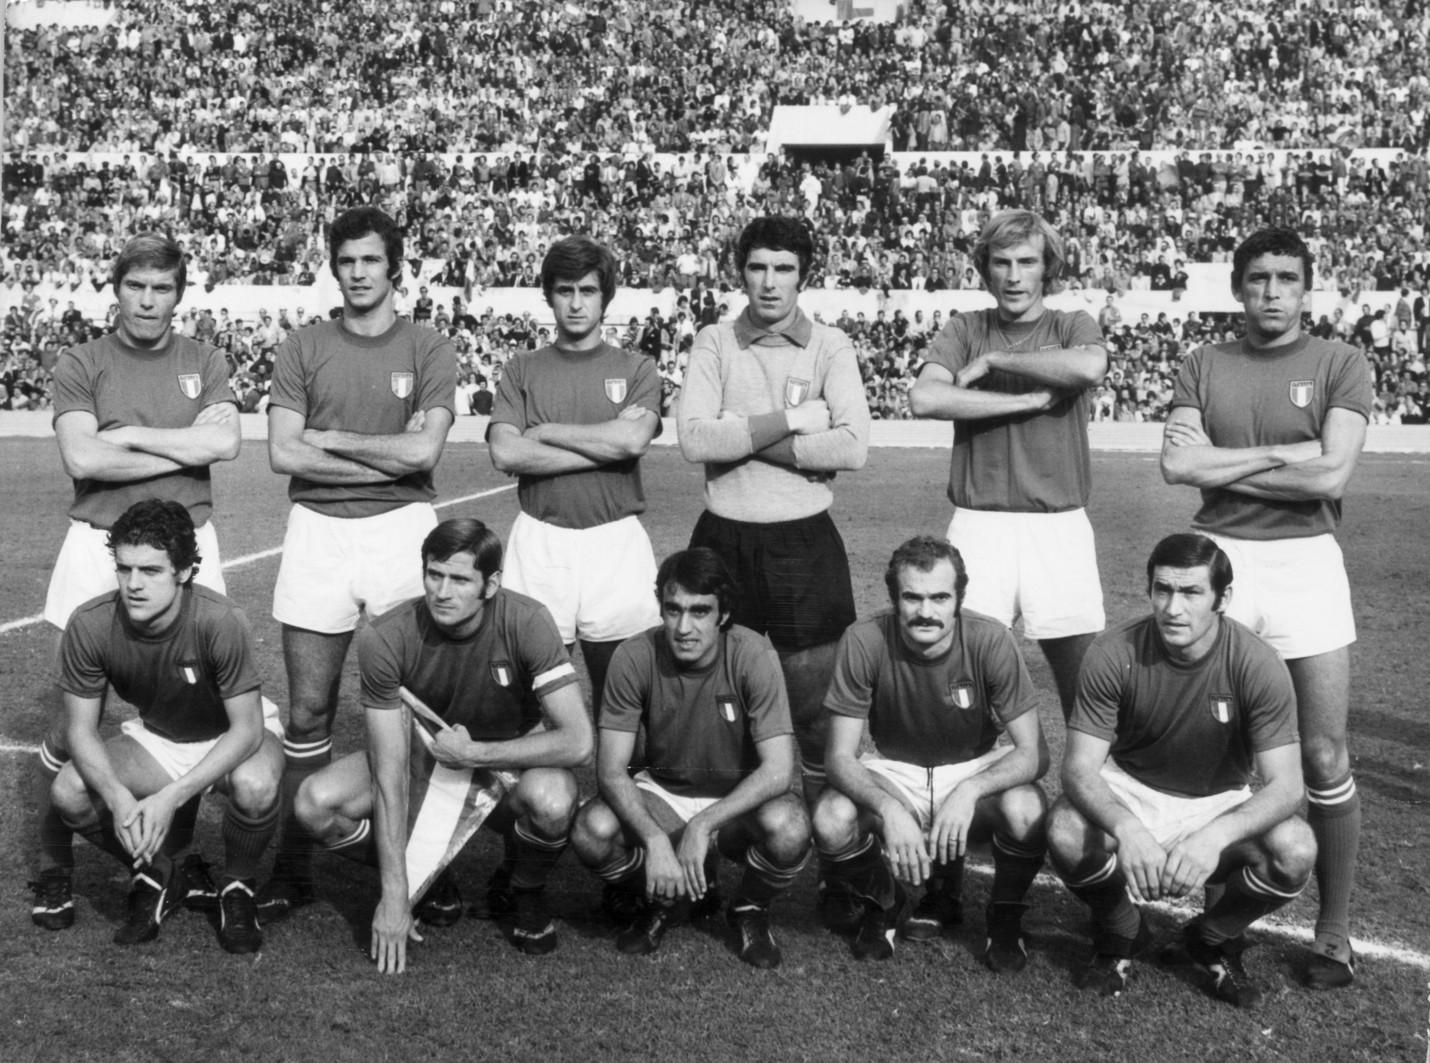 Prima della partita contro la Svizzera nel 1973